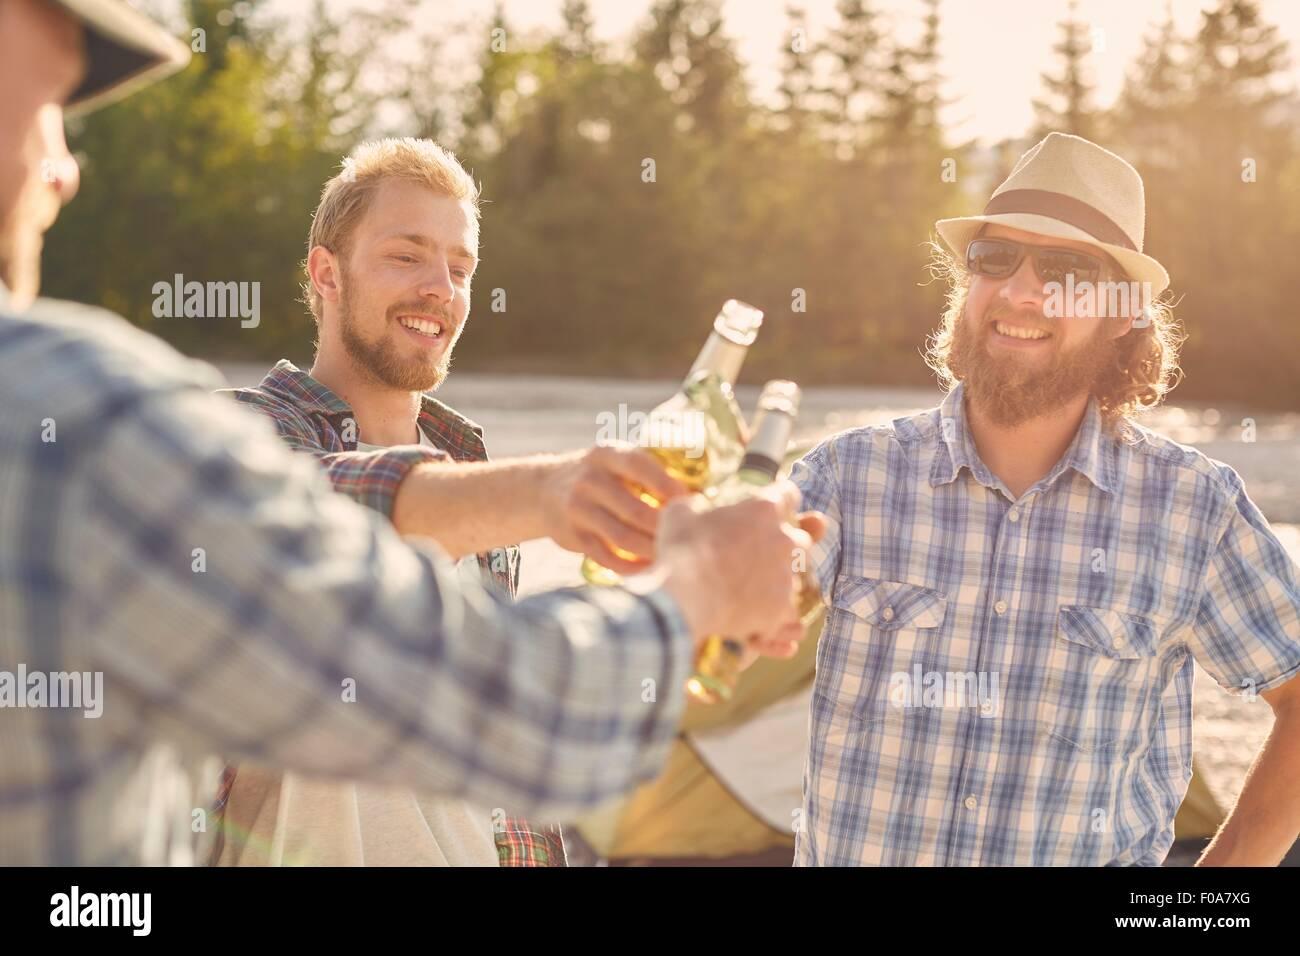 Los hombres hacer un brindis con las botellas de cerveza, sonriendo Imagen De Stock